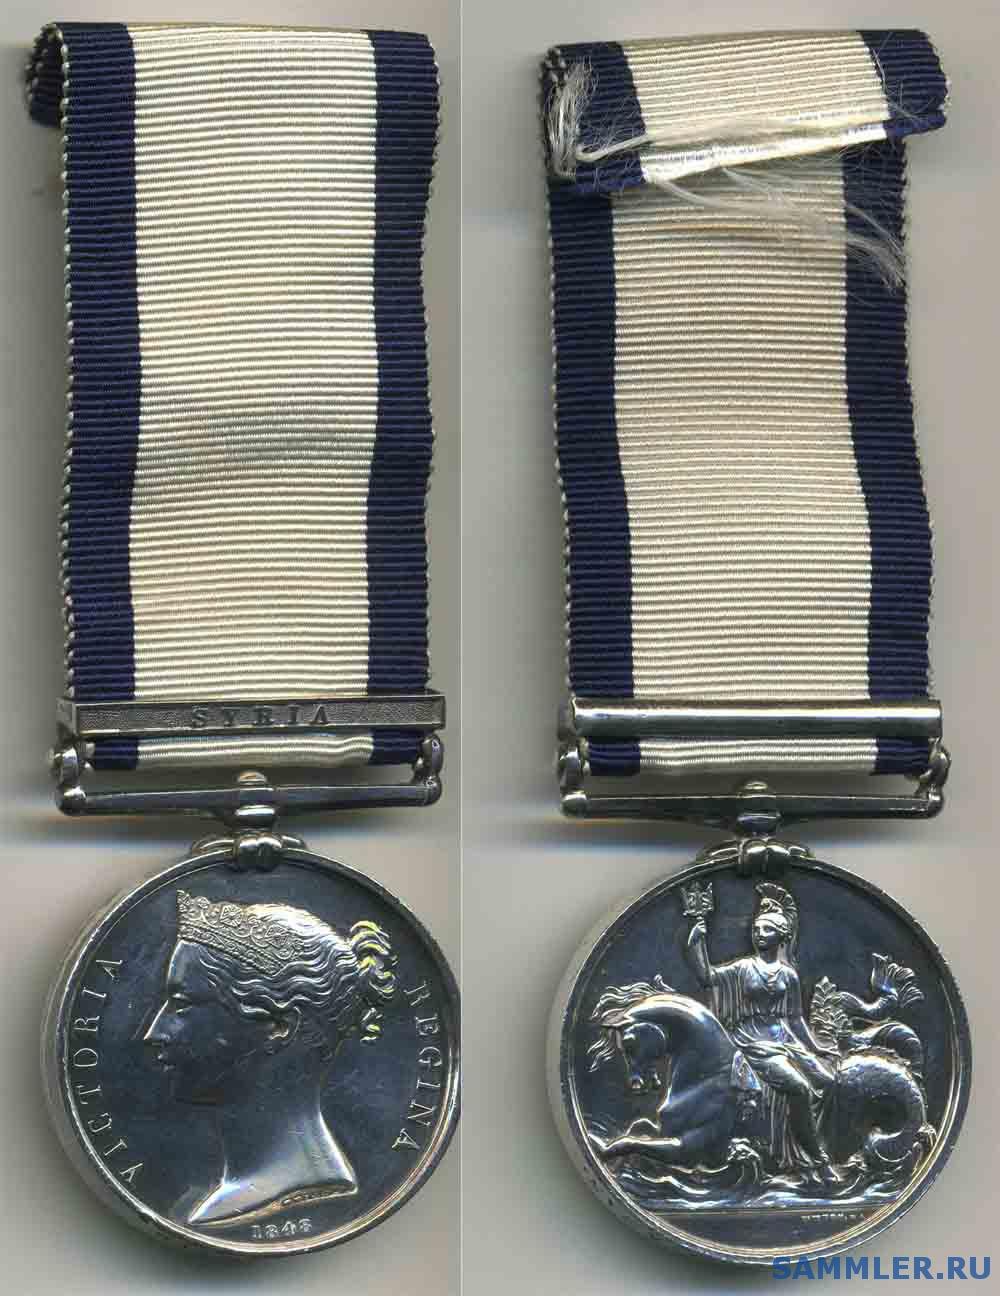 Naval_General_Service_Medal_1793_1840.jpg